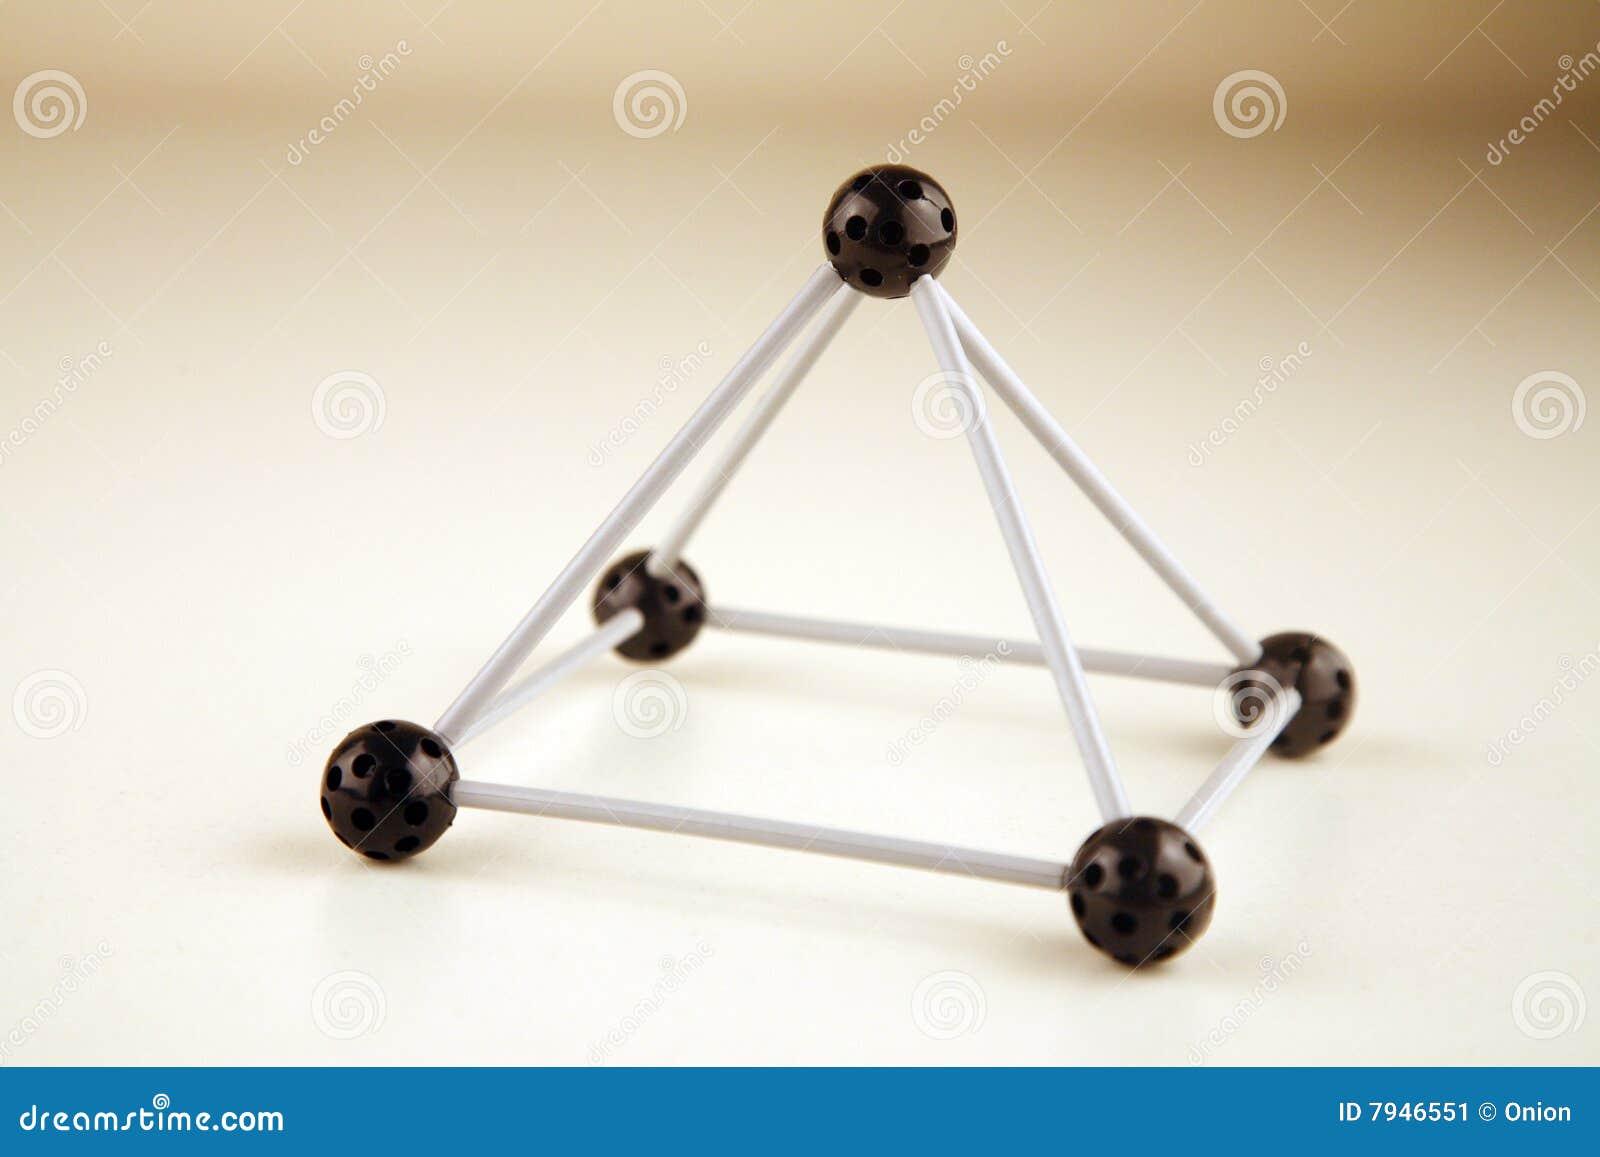 Marco del triángulo imagen de archivo. Imagen de ciencia - 7946551